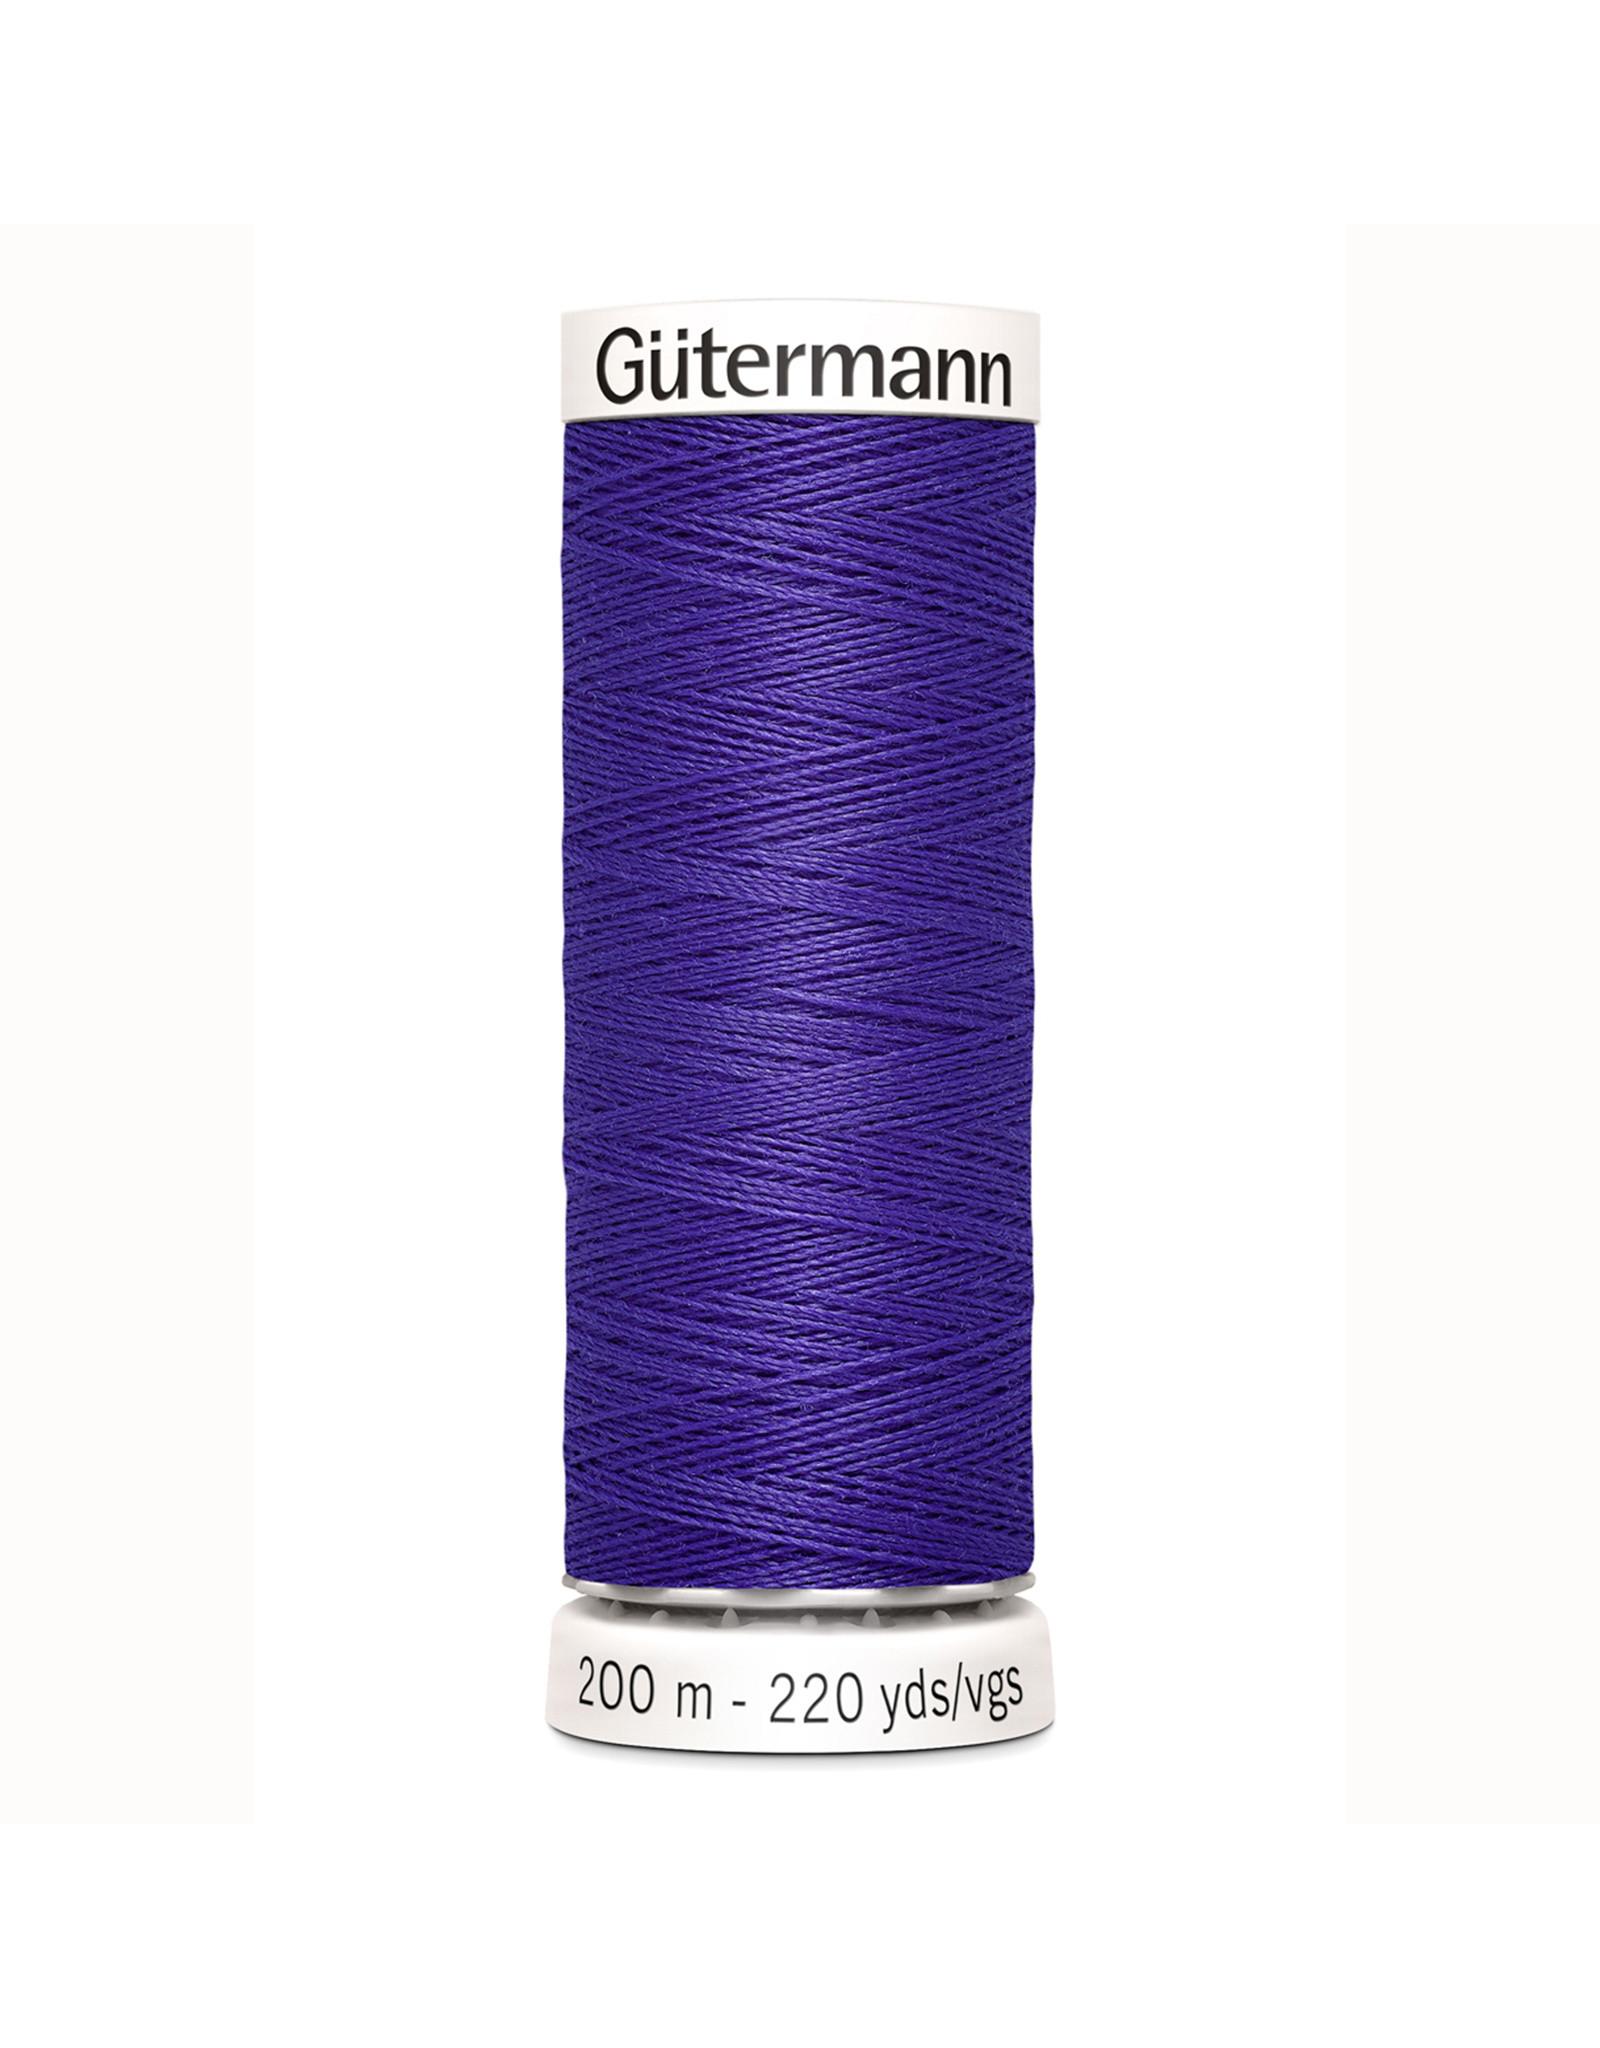 Gütermann Gütermann Nähgarn 200 m - nr 810